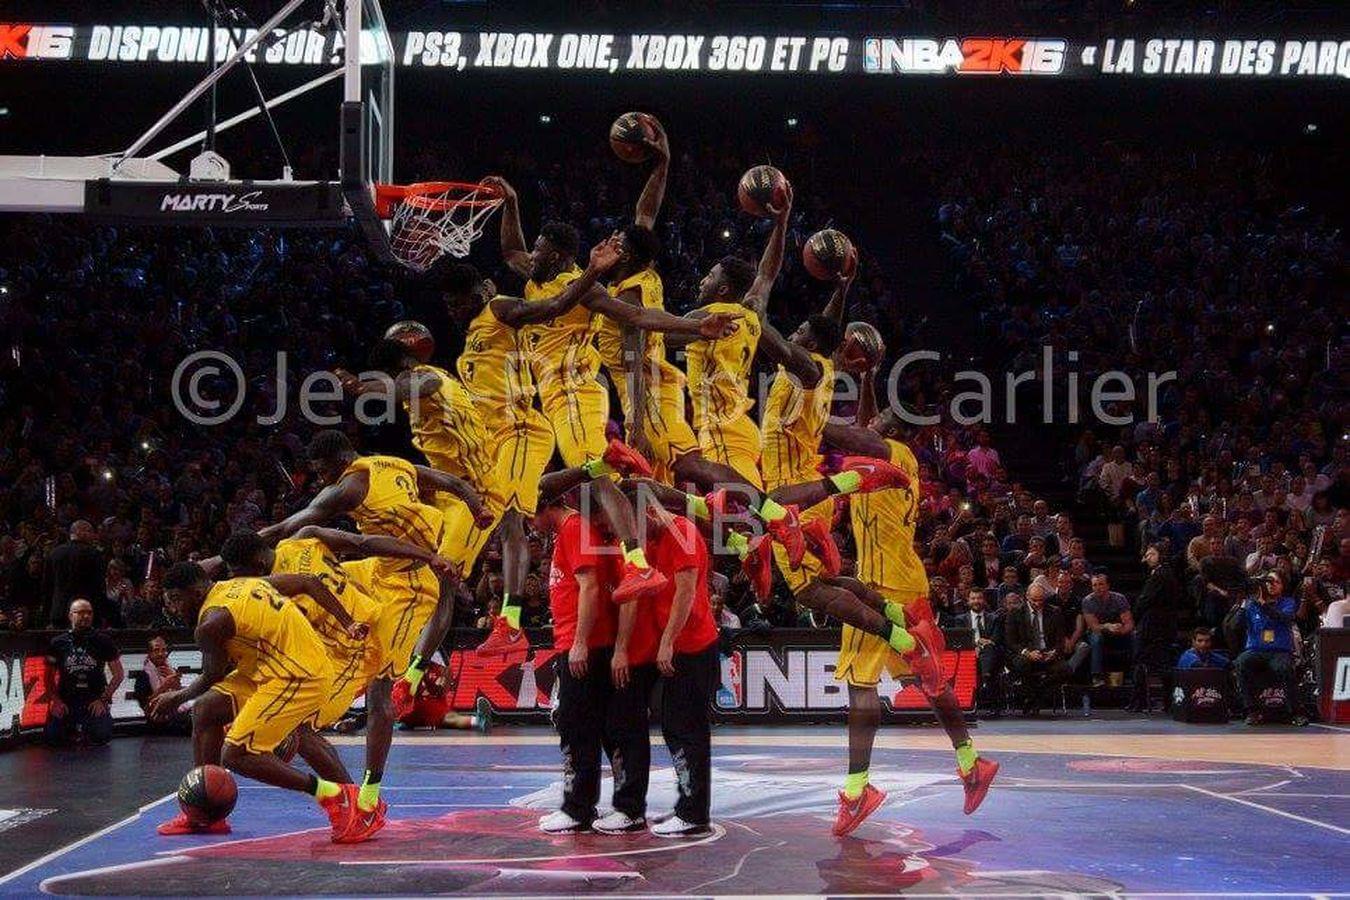 AllStarGame Allstargame2015 Basketball Dunk Basket Ball Paris Bercy